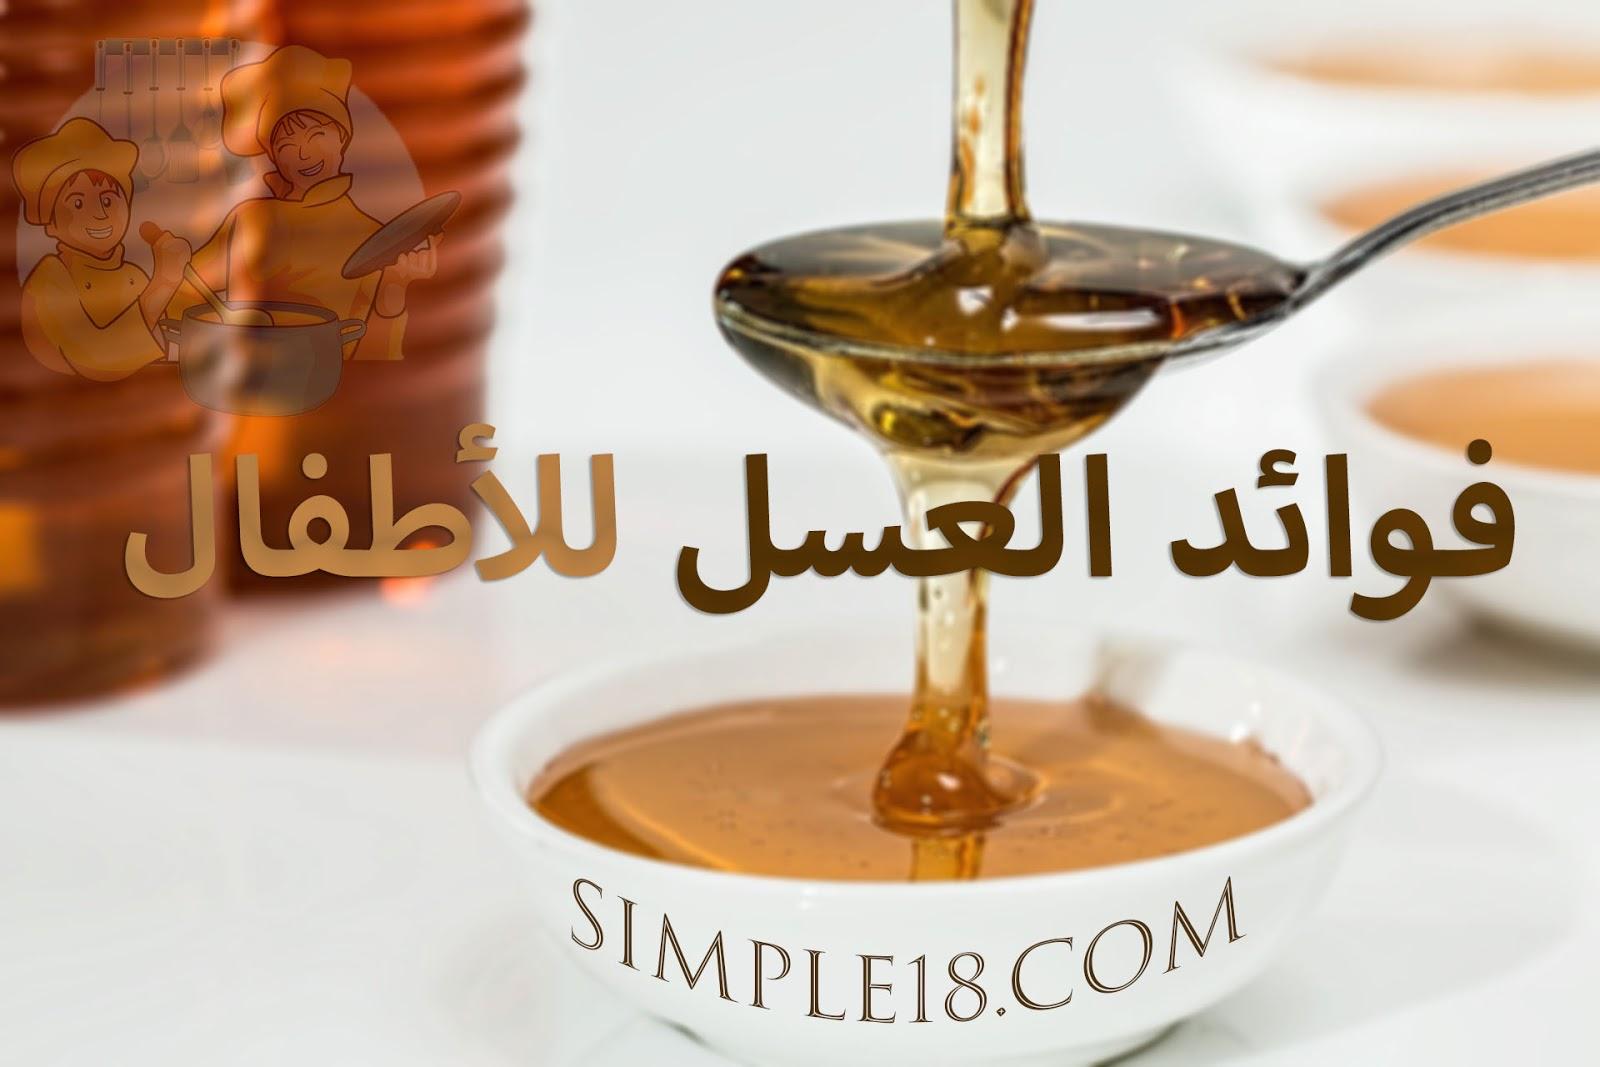 فوائد العسل للأطفال قبل النوم | علاج التبول الليلي